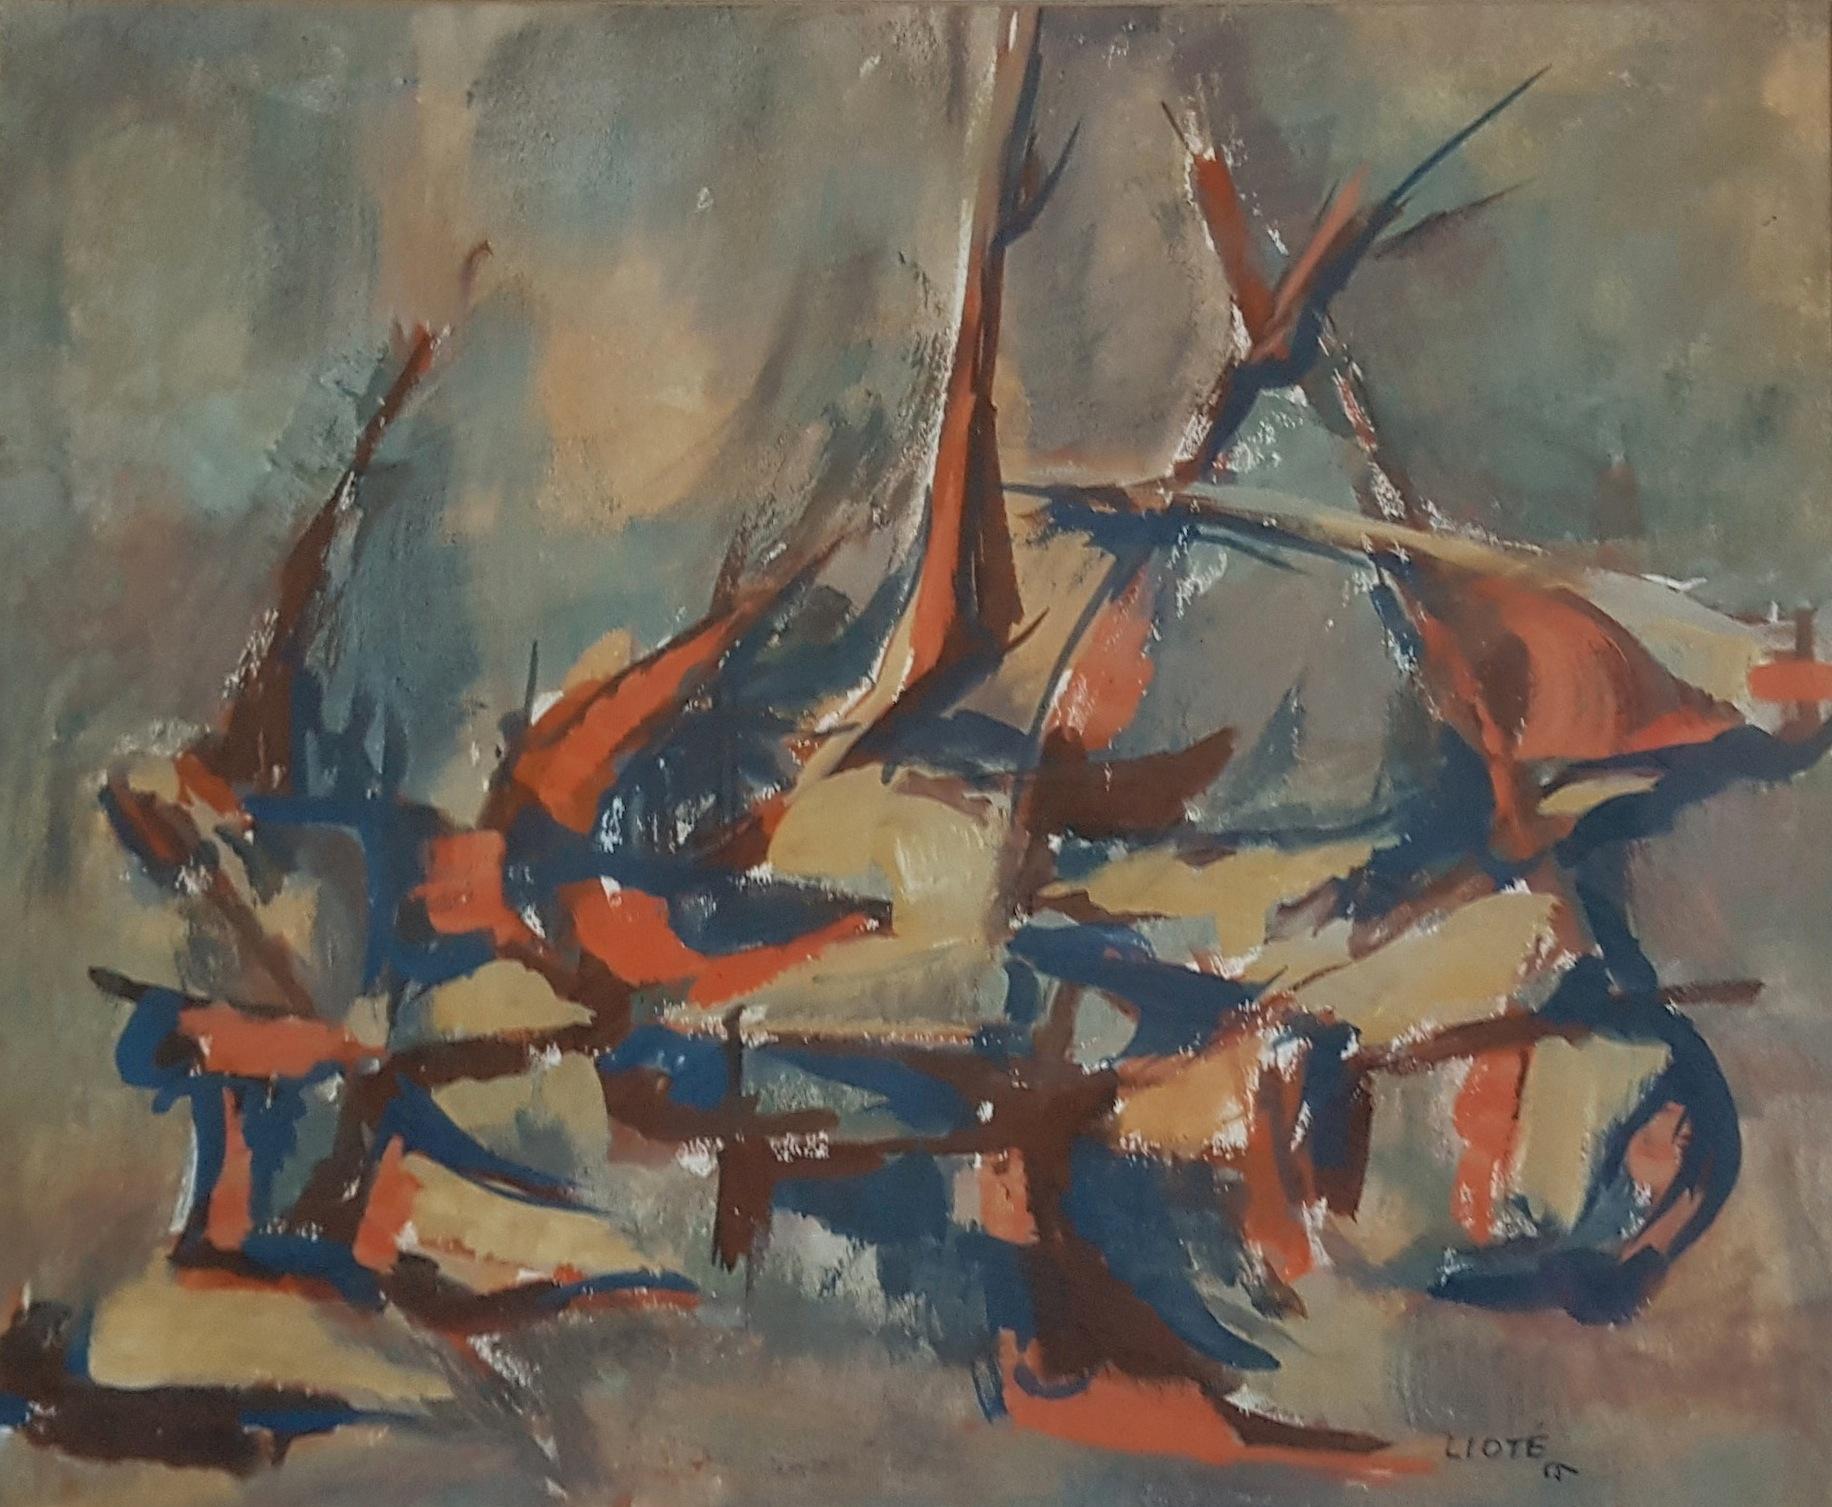 Huile sur toile - 1965 - 35 x 44 - N°621